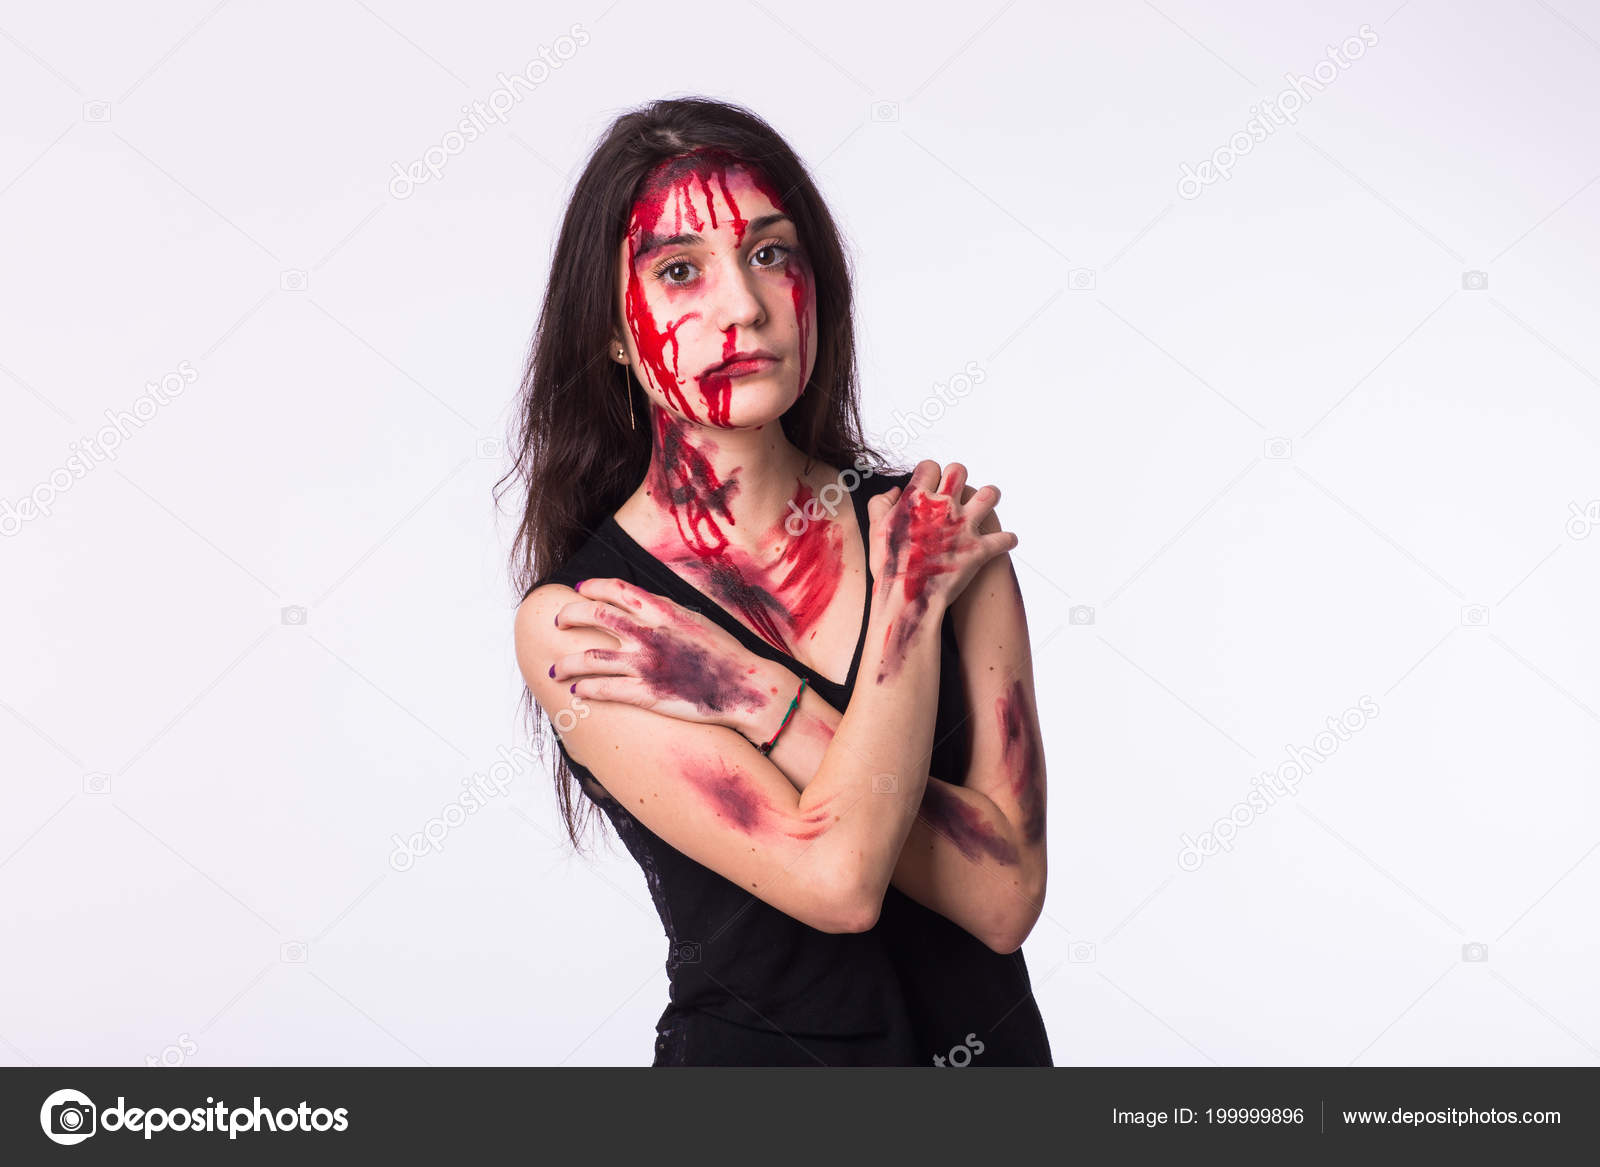 μαύρο αίμα μετά το σεξΠώς μπορείς να καταλάβεις αν το μουνί σου είναι σφιχτό